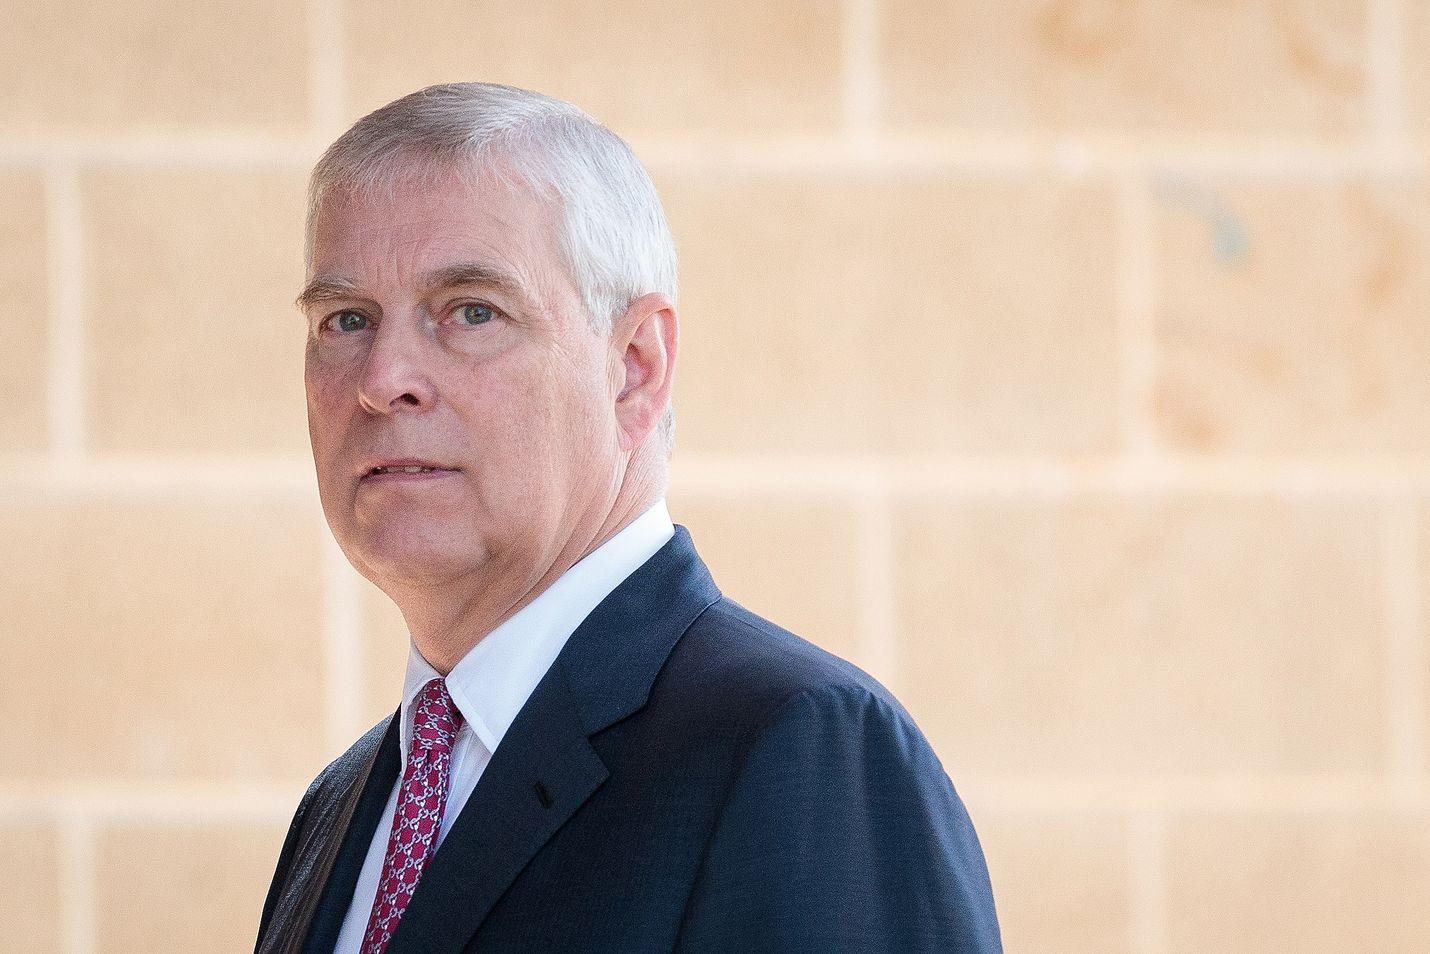 Britanniassa prinssi Andrew'n yhteydet edesmenneeseen seksirikolliseen Jeffrey Epsteiniin ovat herättäneet paljon kysymyksiä.